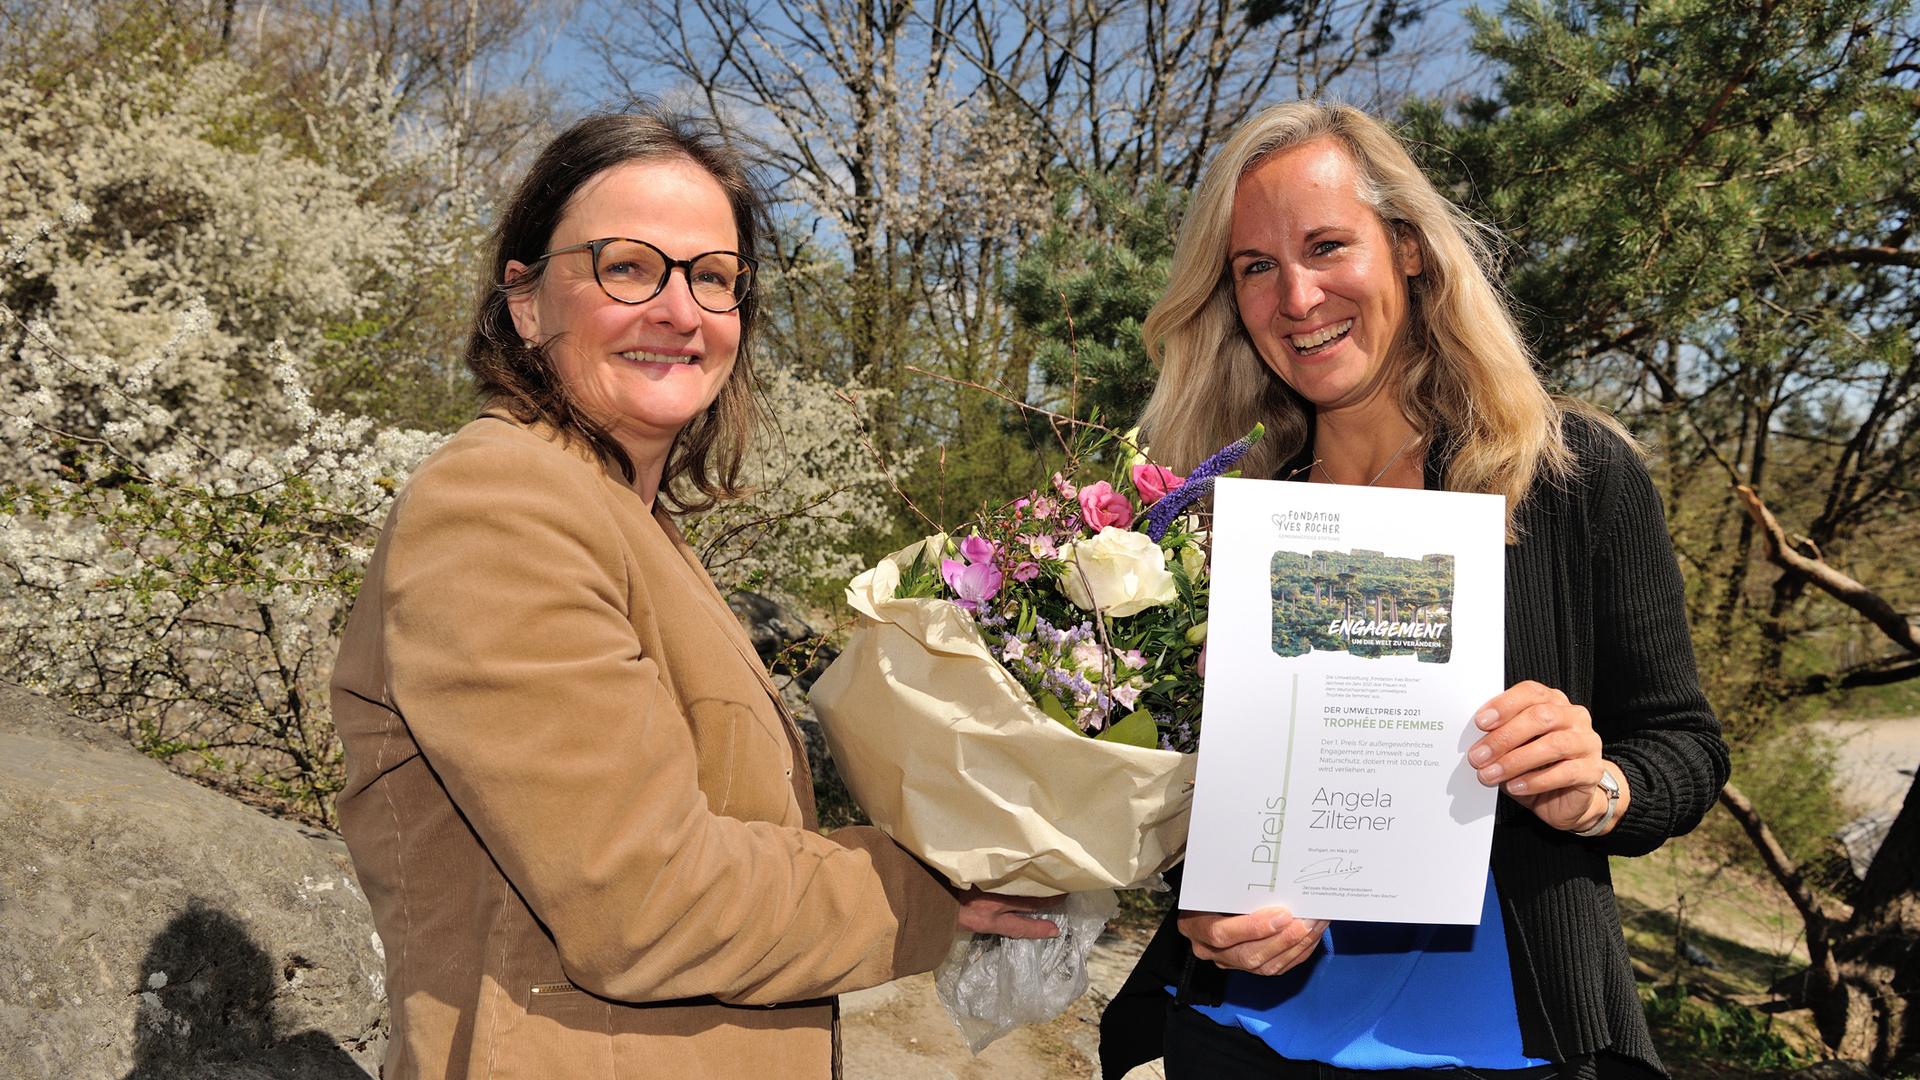 Angela Ziltener, 1. Preisträgerin Trophée de femmes 2021 (rechts), und Sabine Fesenmayr, Fondation Yves Rocher